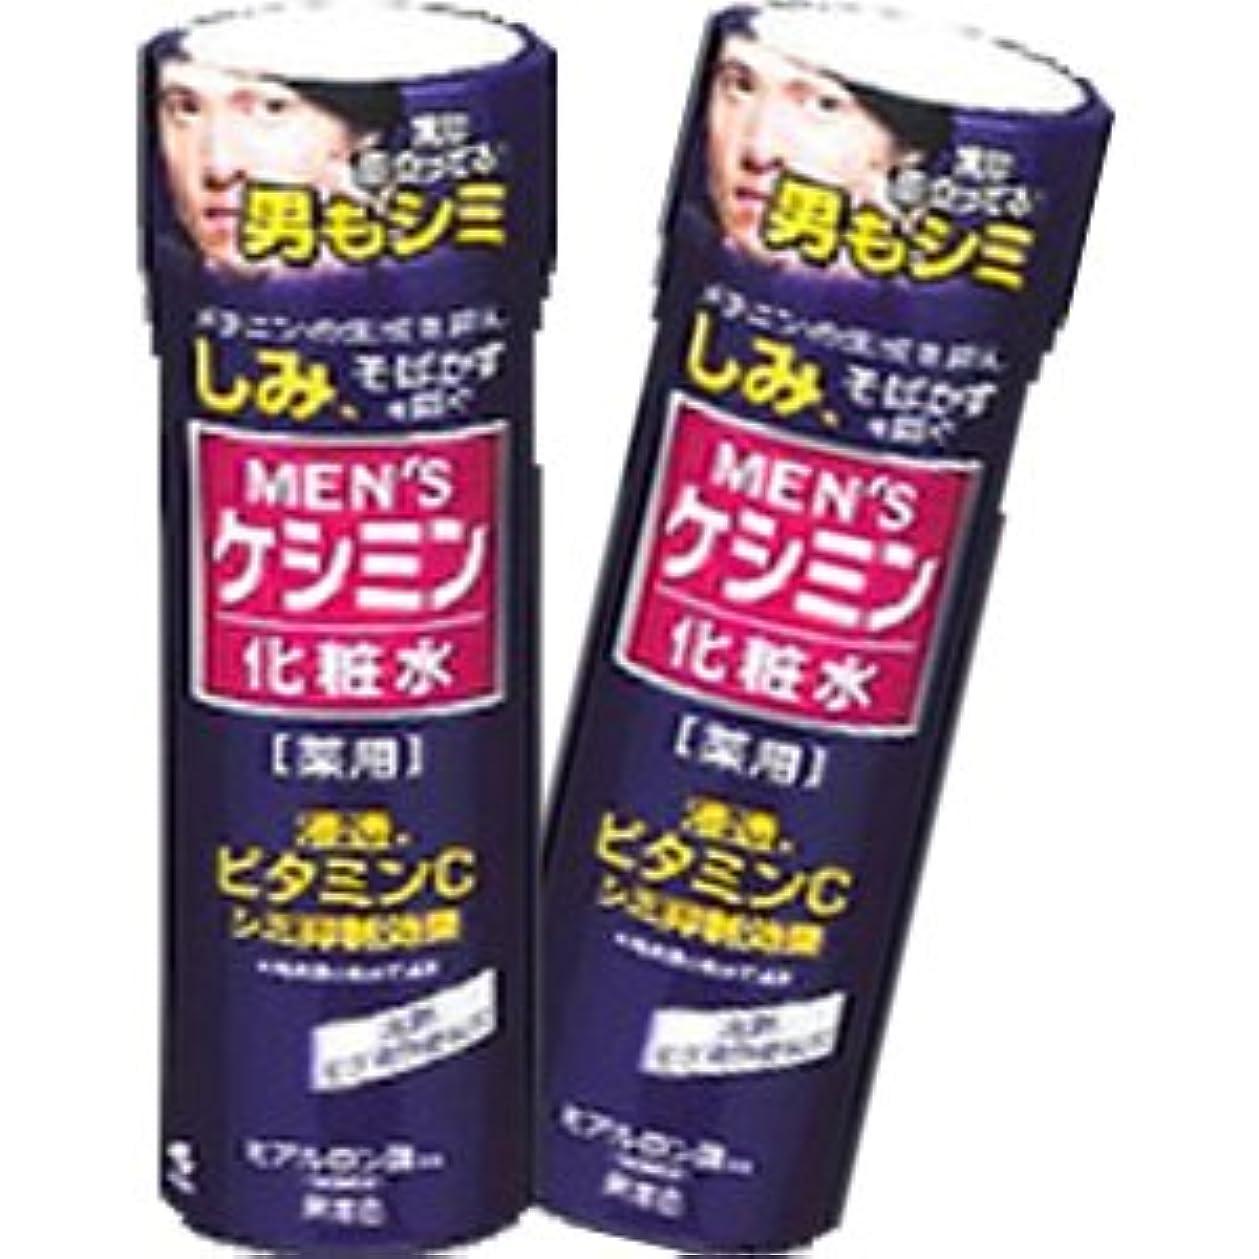 ドナーシャイニング位置づける【2個】 メンズケシミン化粧水 160mlx2個 (4987072034330)